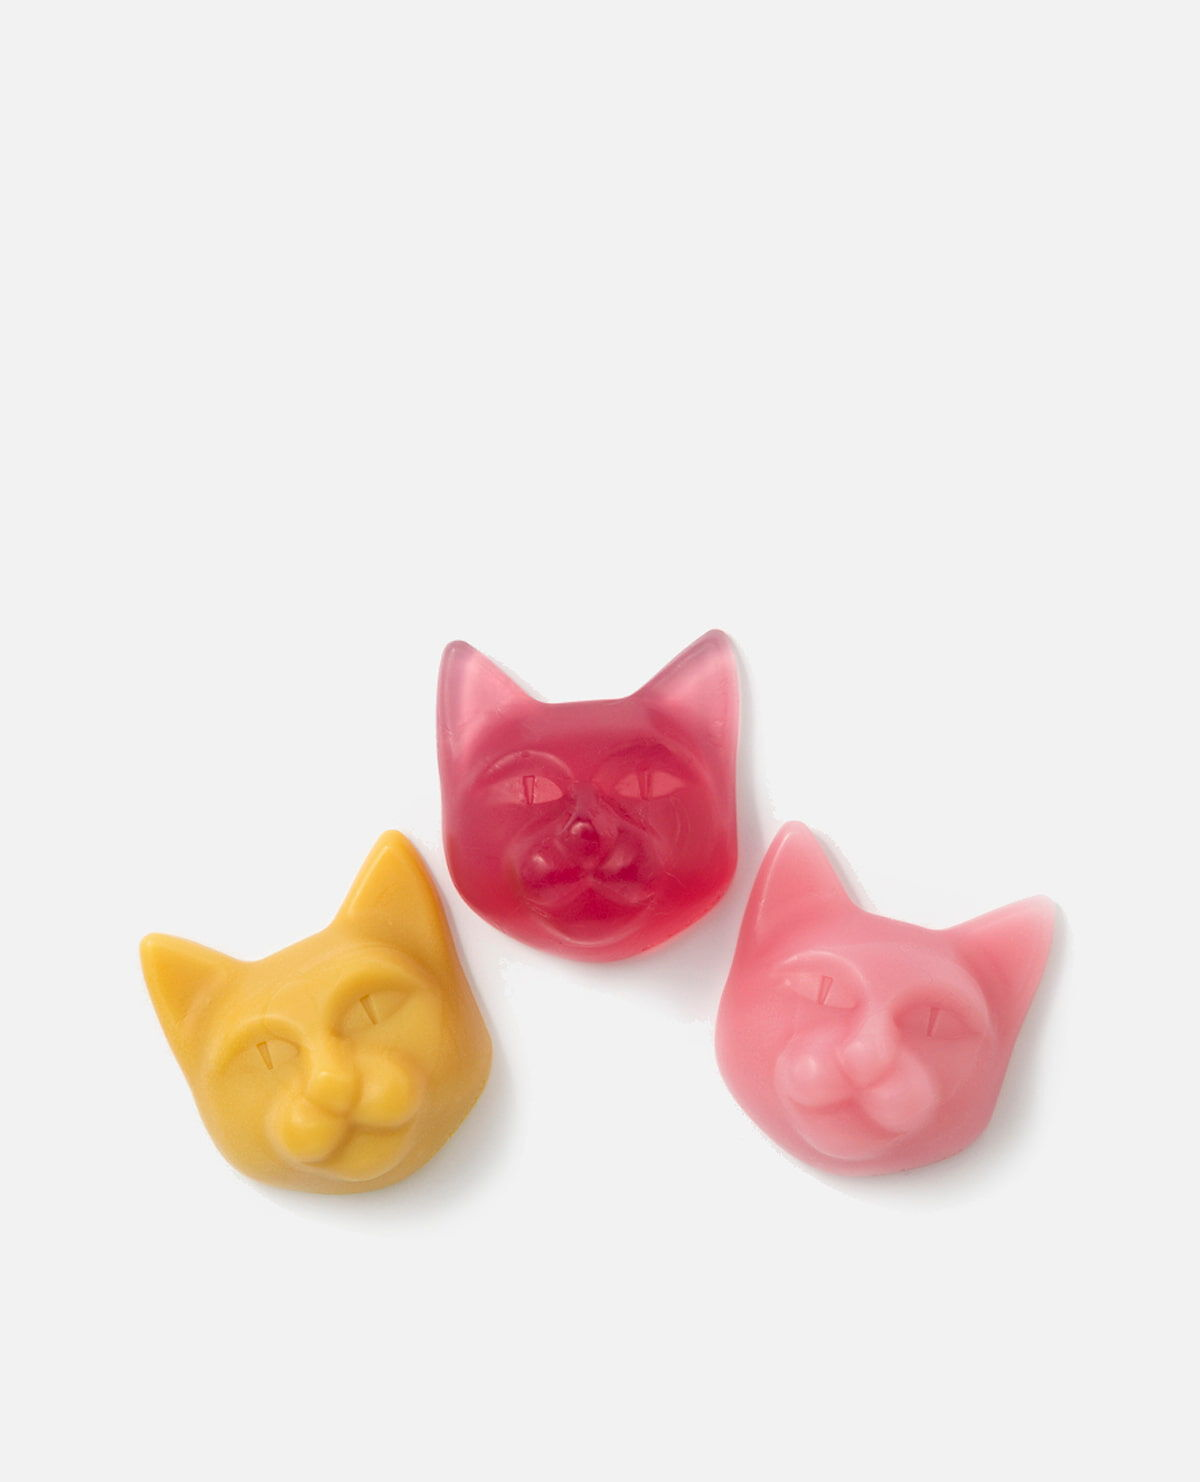 ハコイリ ネコ 7 fuji 猫 石鹸 ソープ